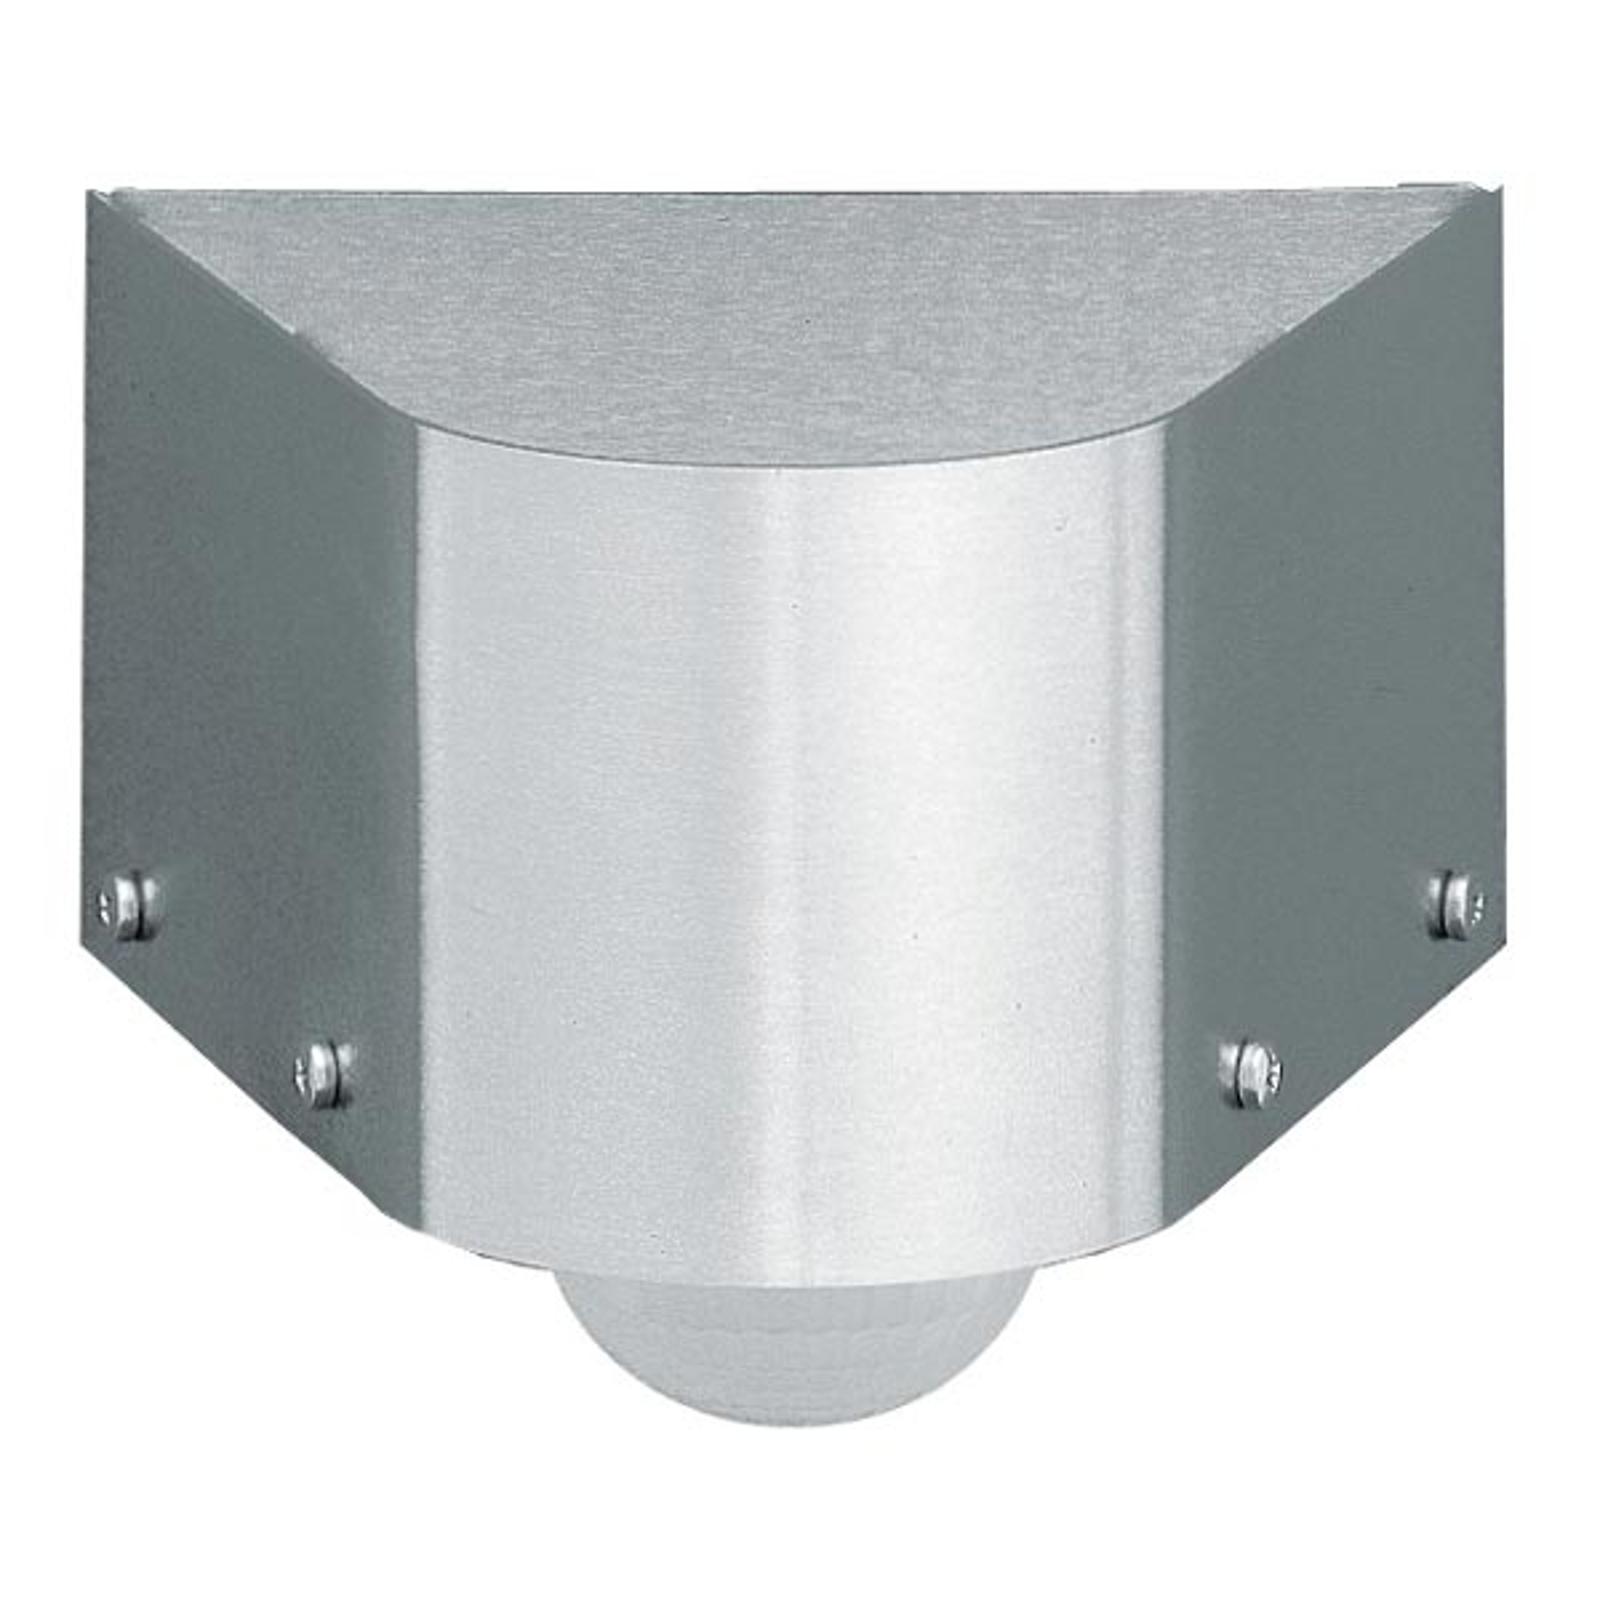 Sensor i rustfritt stål